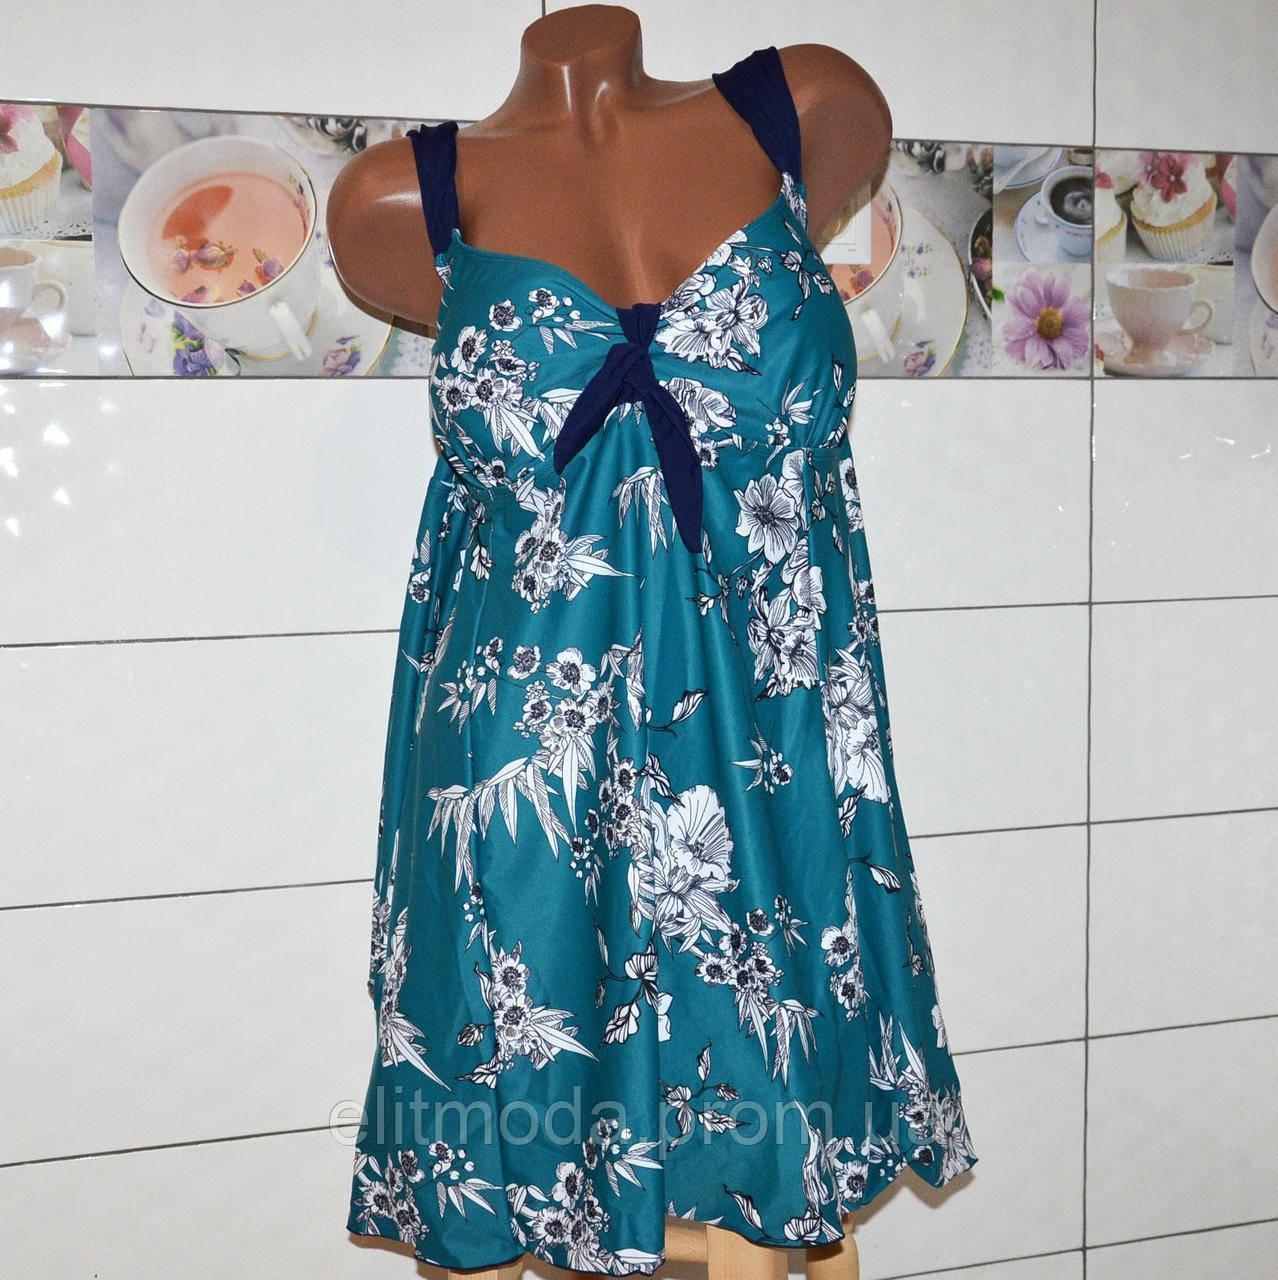 a5d46da9b8580 Большой 74 размер! Красивый модельный зеленый купальник платье для полных  женщин, высокие плавки.